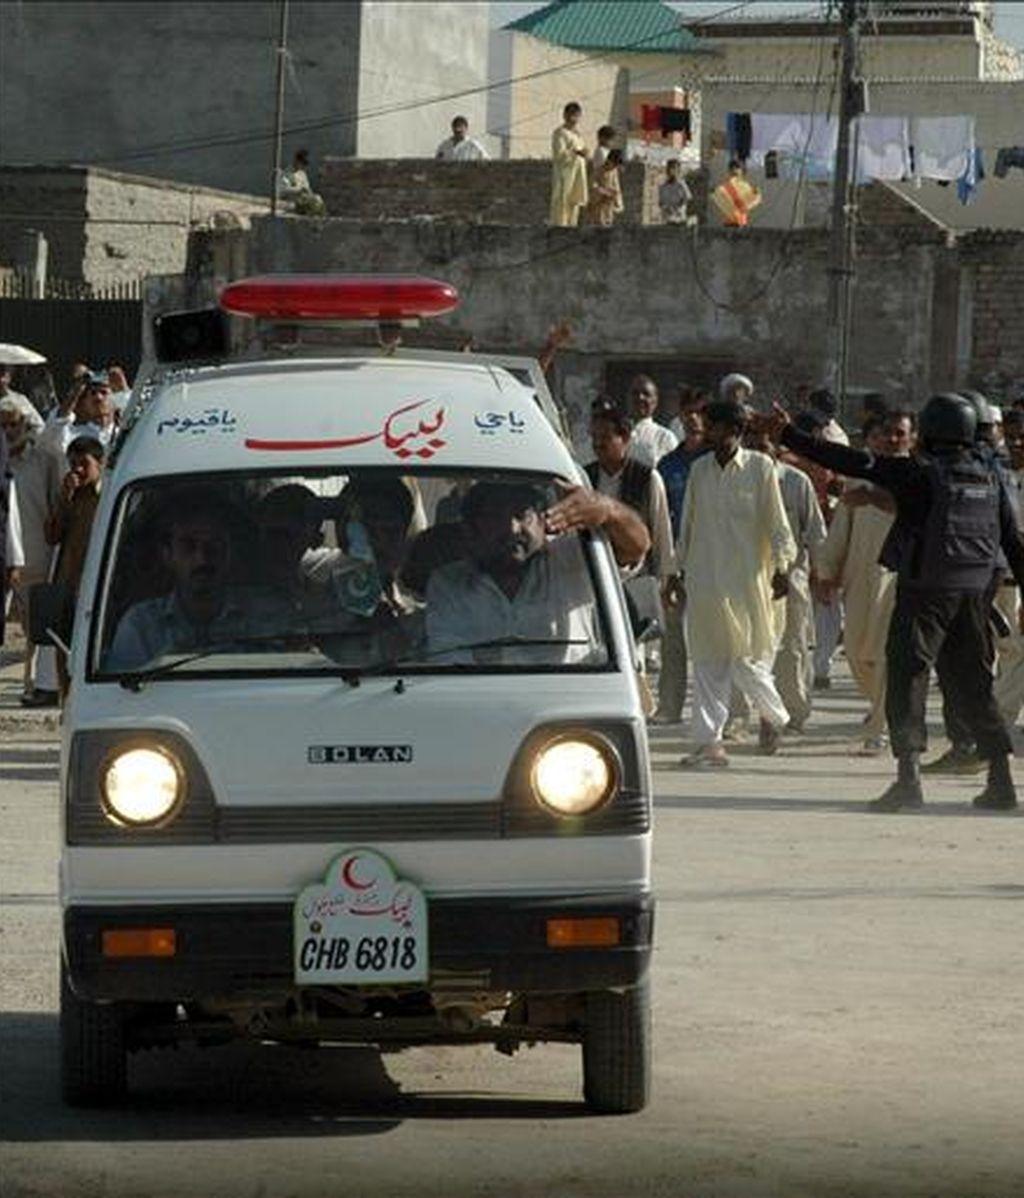 En la imagen, heridos transportados por una ambulancia tras un ataque suicida en Pakistán, el pasado 5 de abril. EFE/Archivo